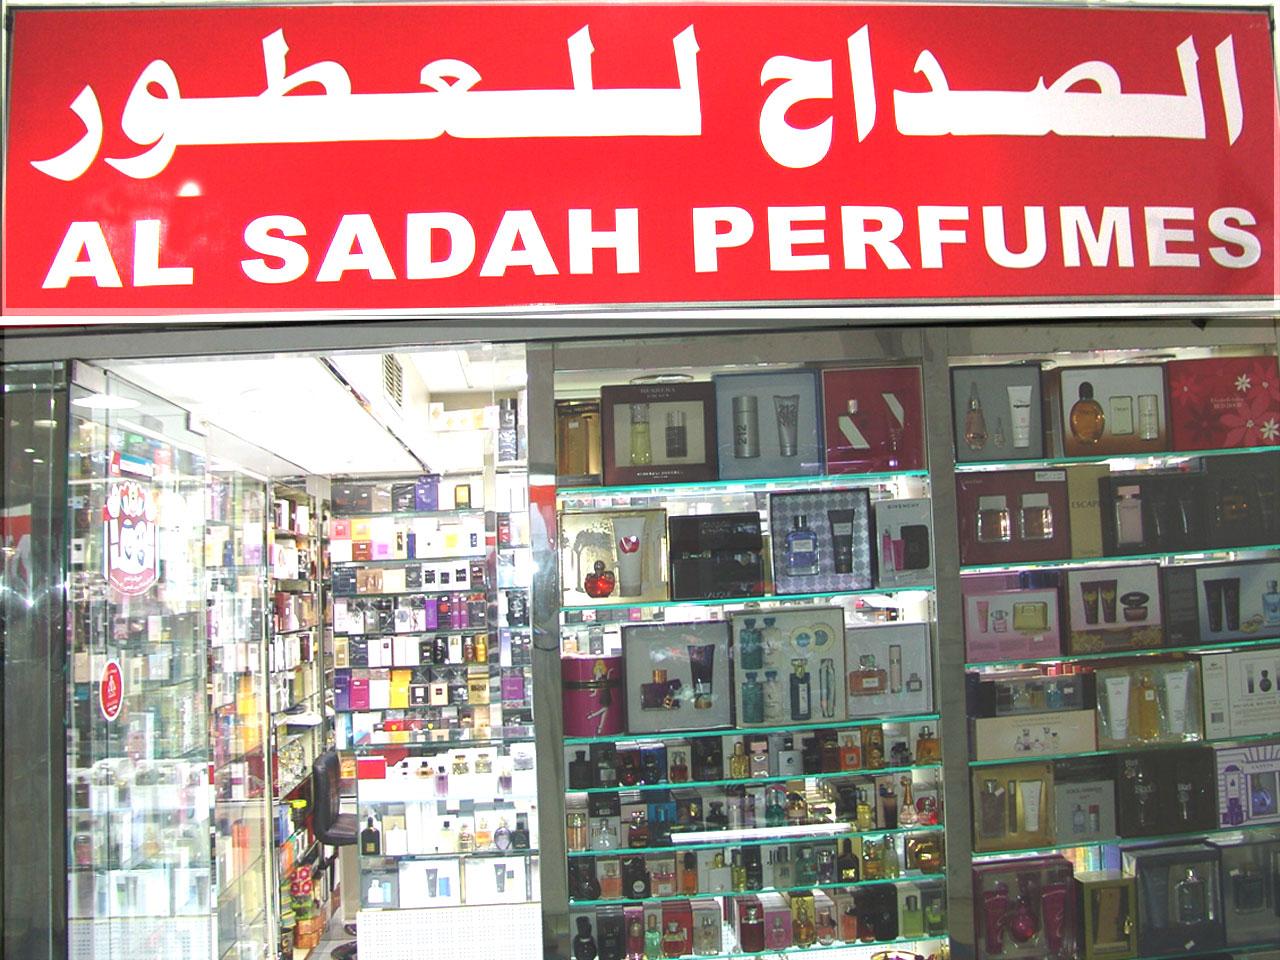 Al Sadah Perfumes - DSC00999.jpg